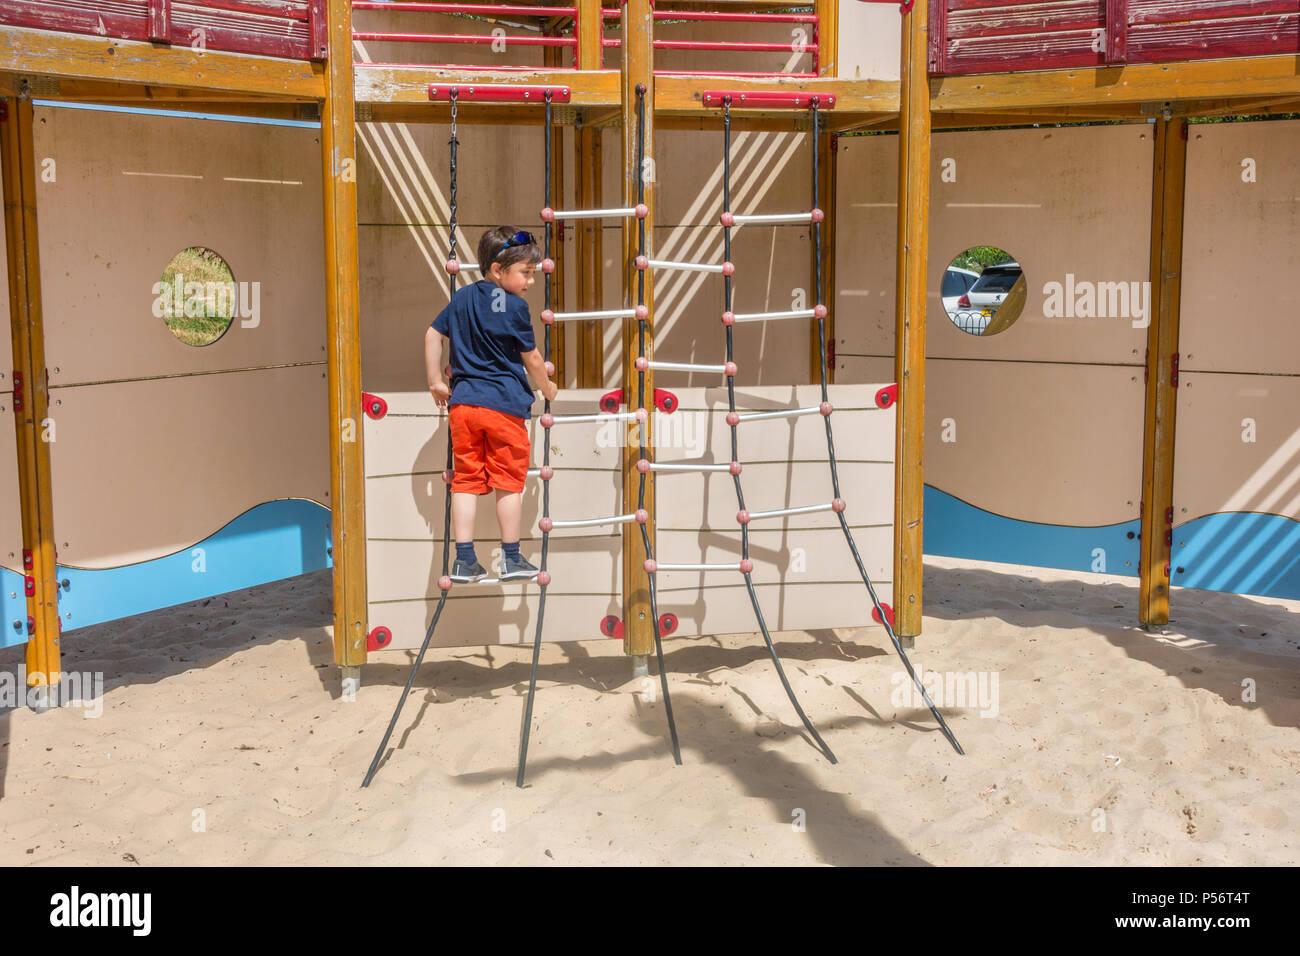 Klettergerüst Hängebrücke : Ein kleiner junge steigt auf einem klettergerüst dem